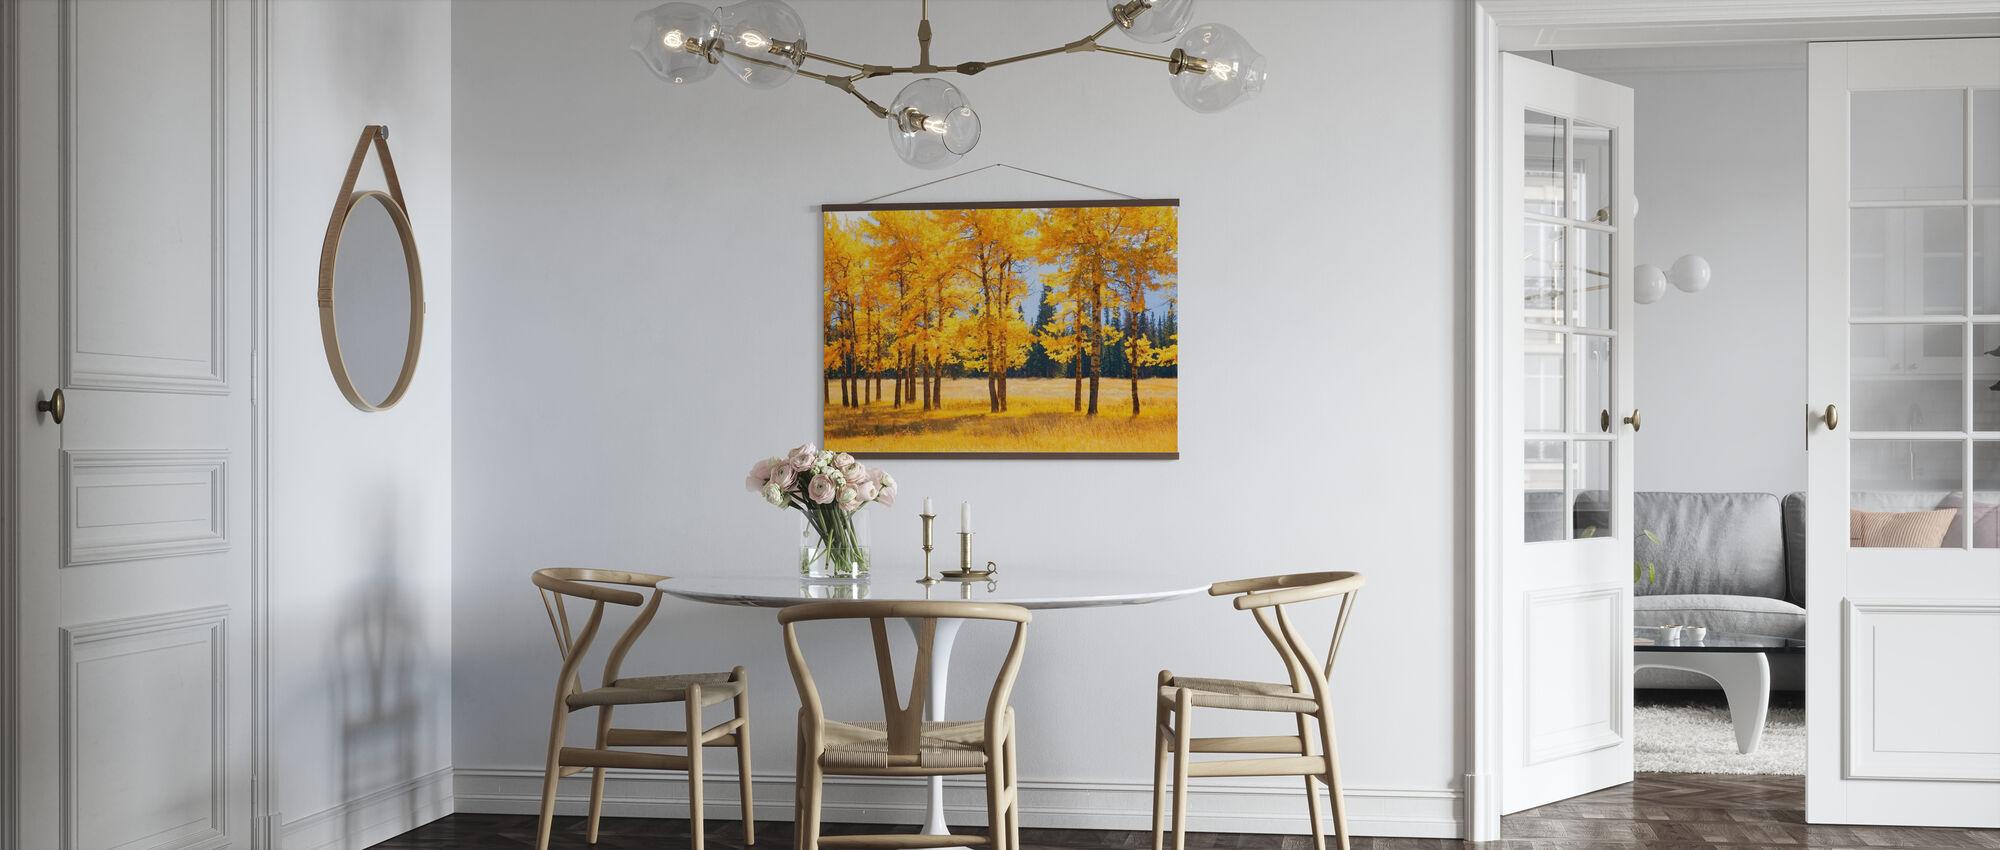 Yellow Autumn Trees - Poster - Kitchen